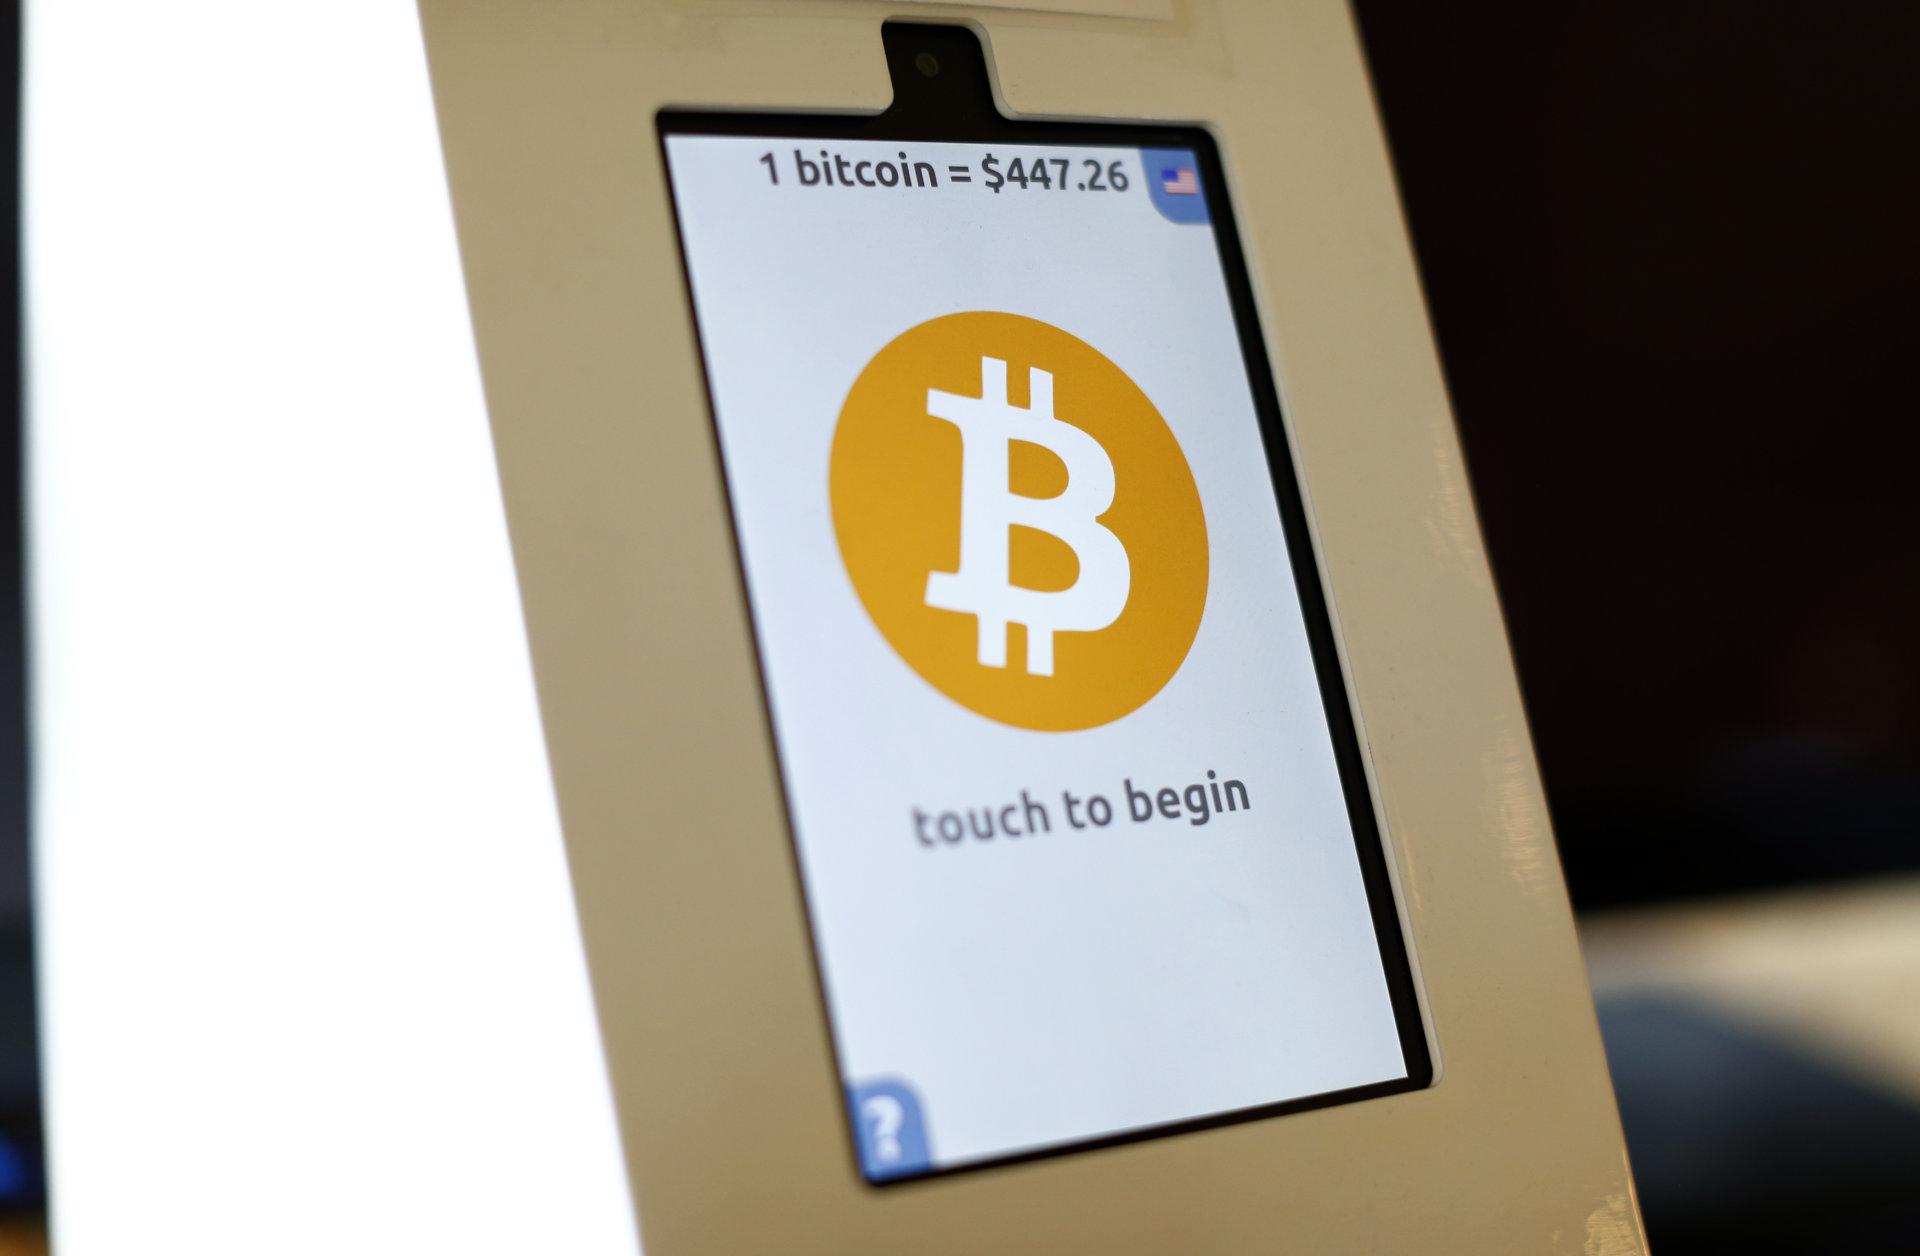 Keistis bitcoin pajamomis. Bitcoin Mining Investicijų Skaičiuoklė « Prekyba BTC Online